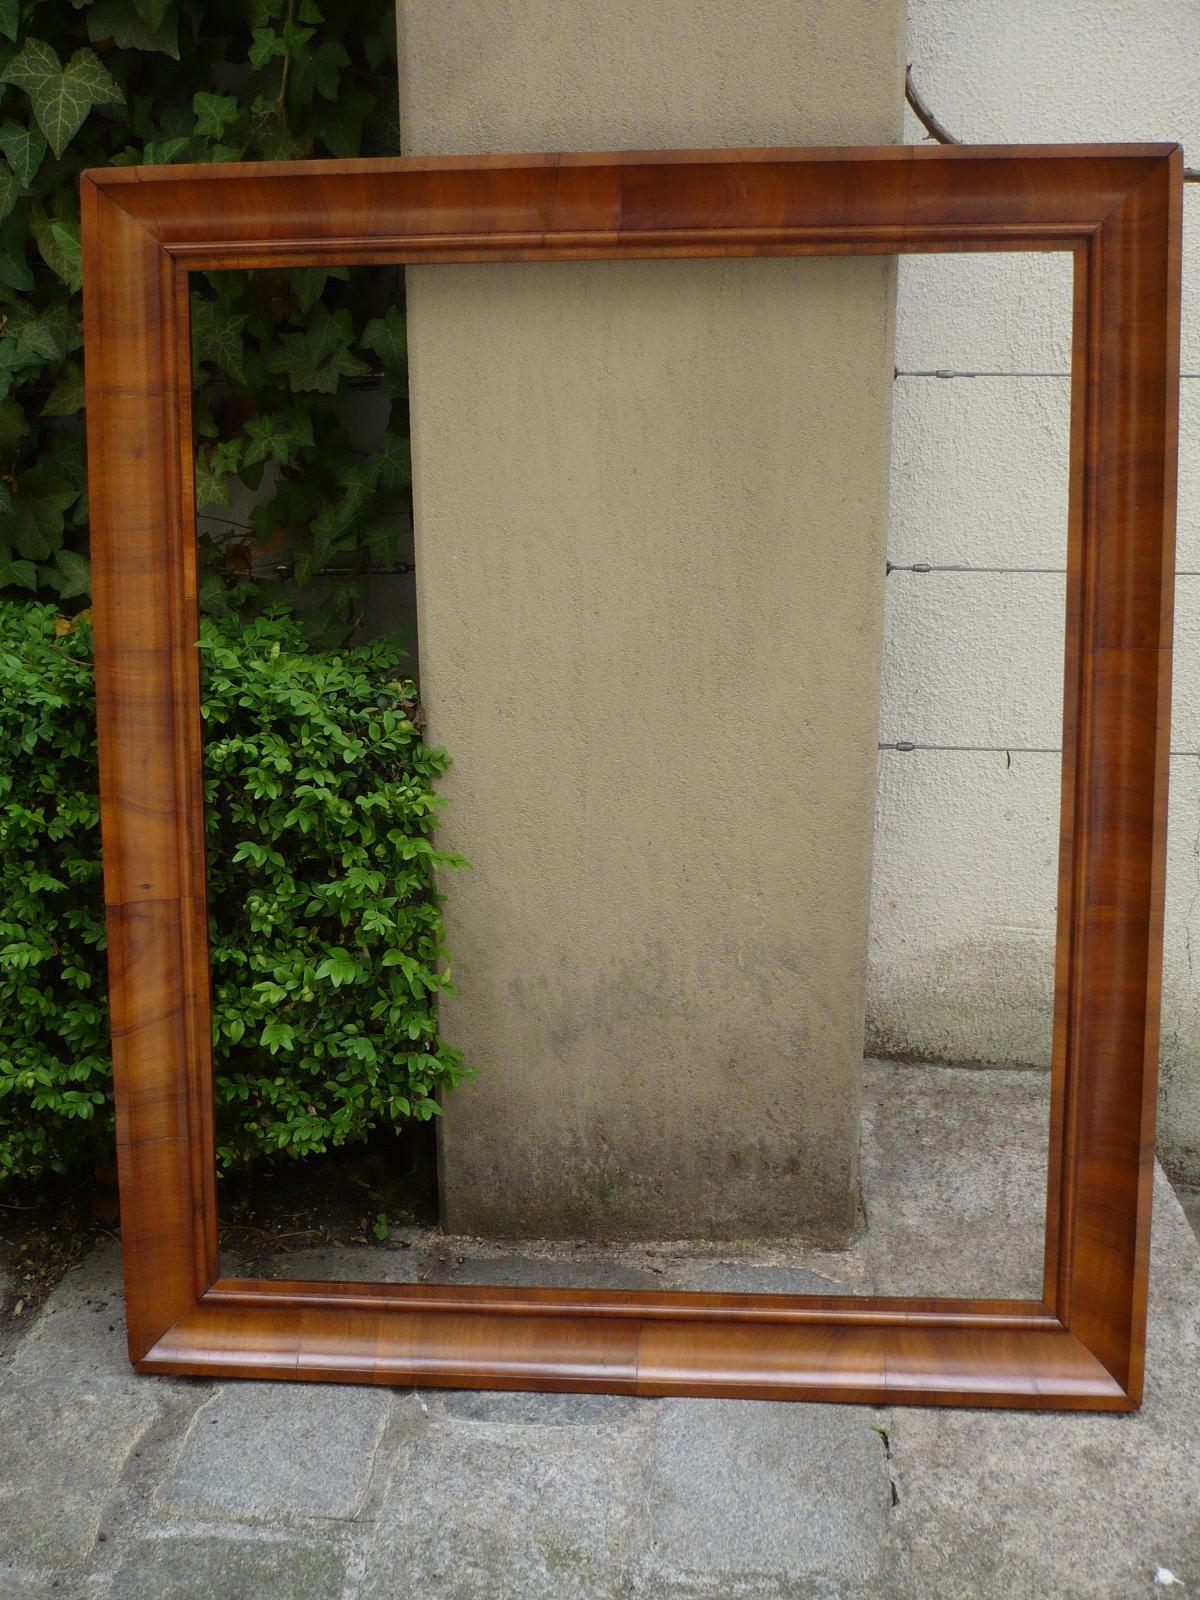 Wunderbar Dekorative Holzrahmen Ausschnitte Bilder ...